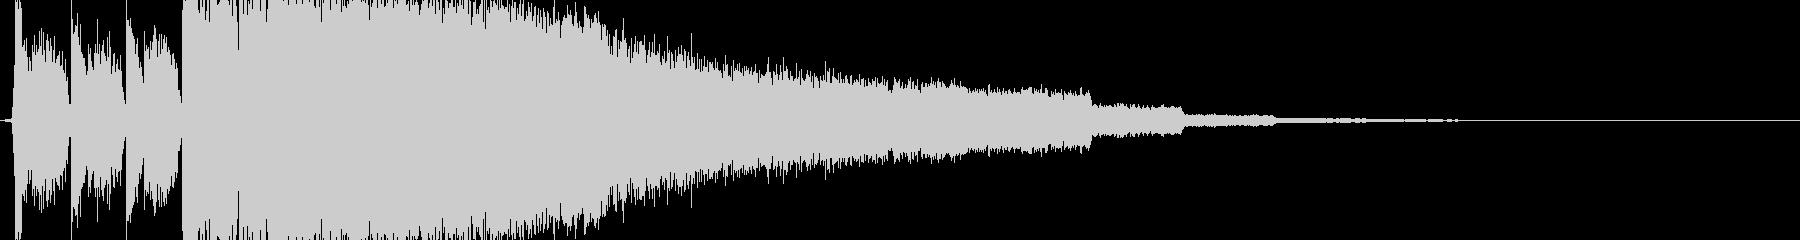 インパクトのある効果音の未再生の波形